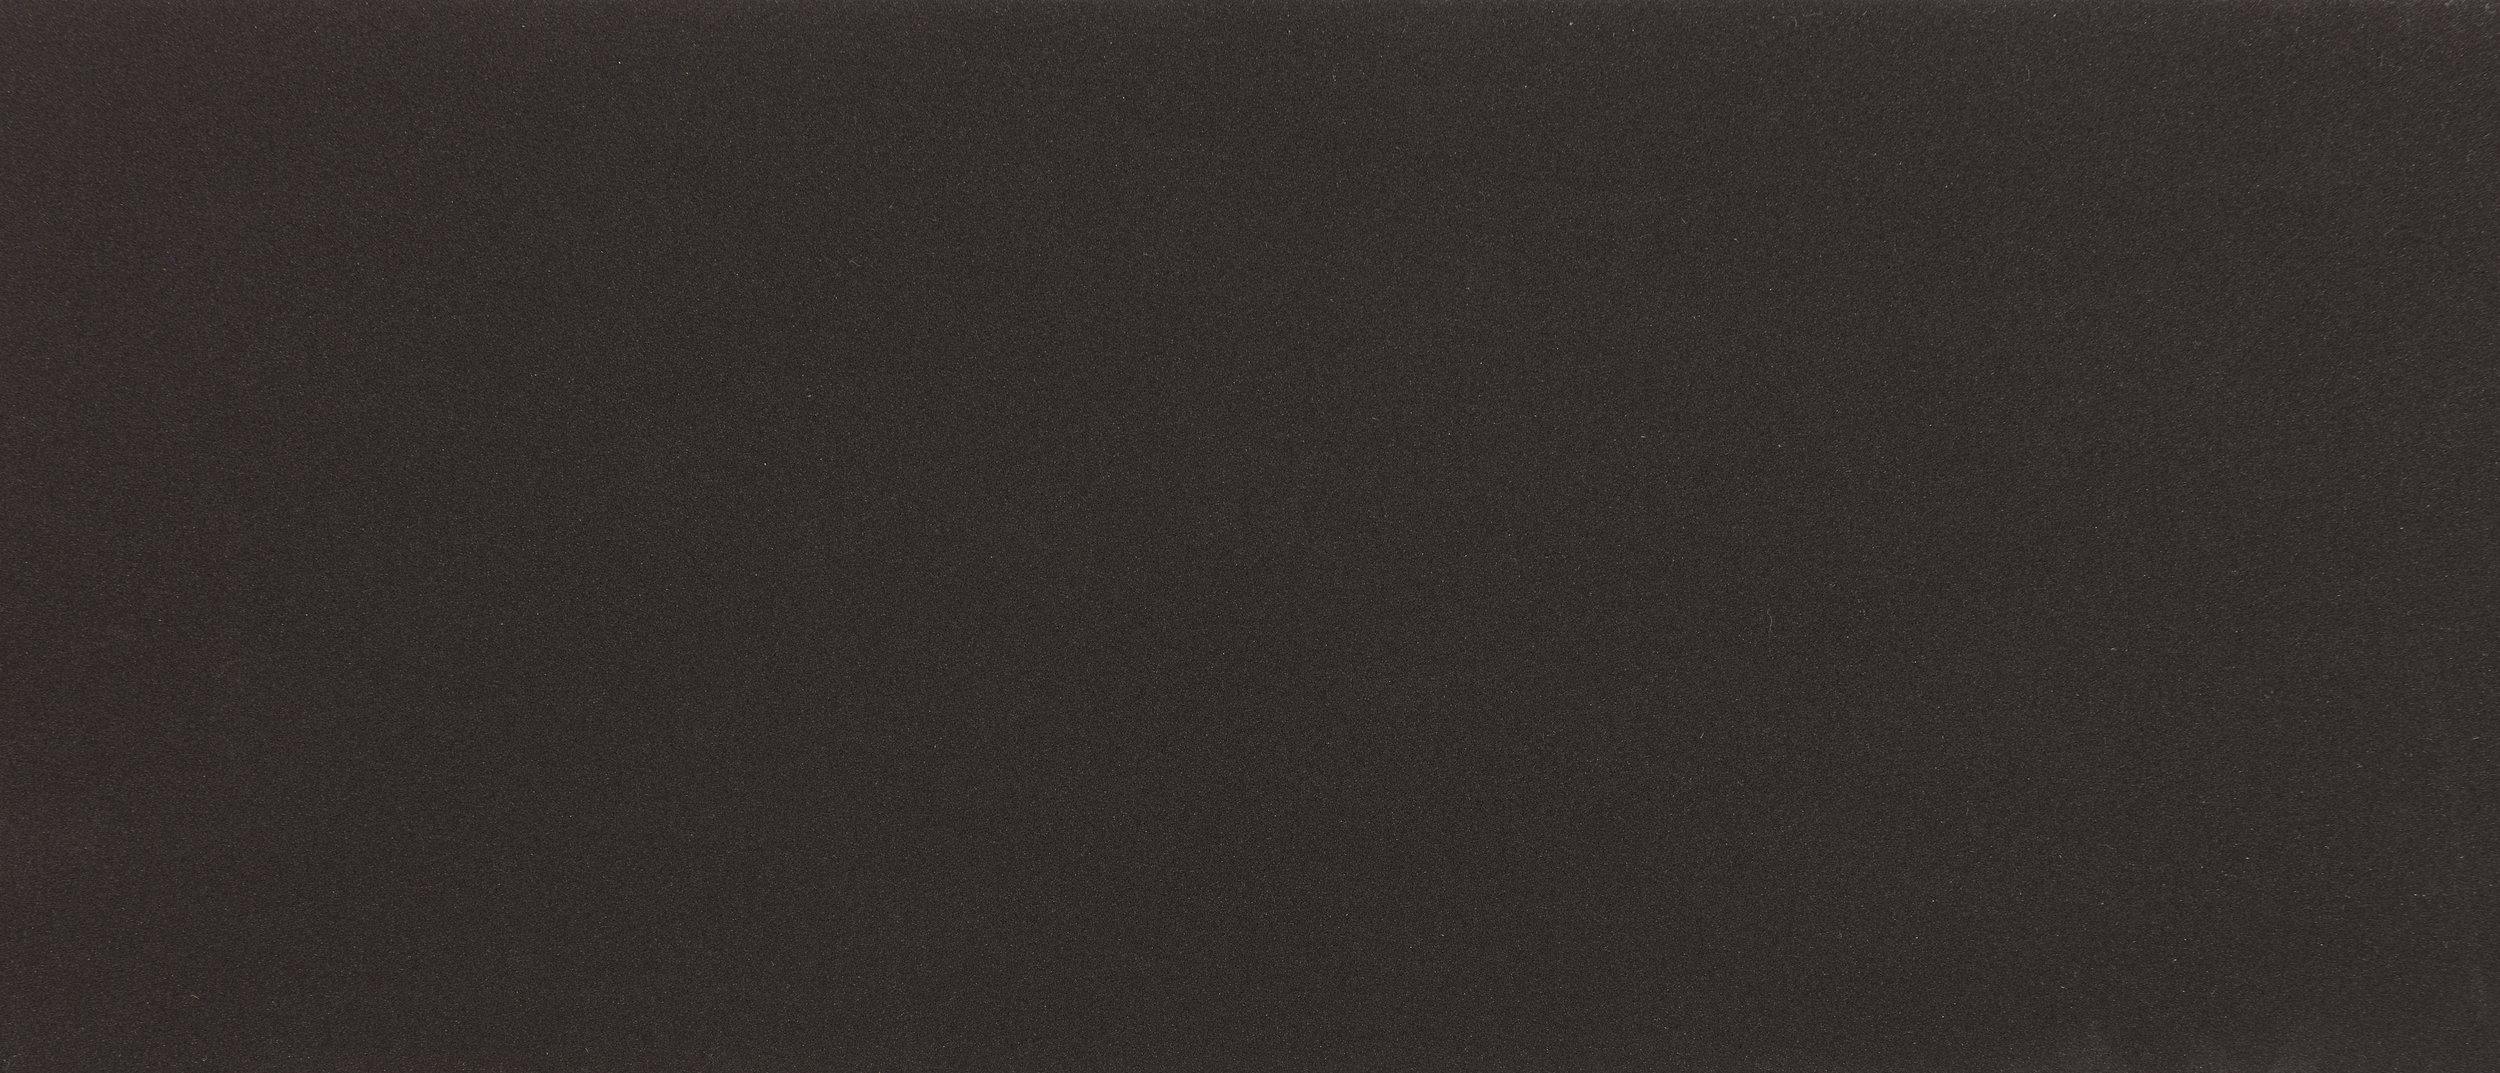 BE20_dark brown.jpg